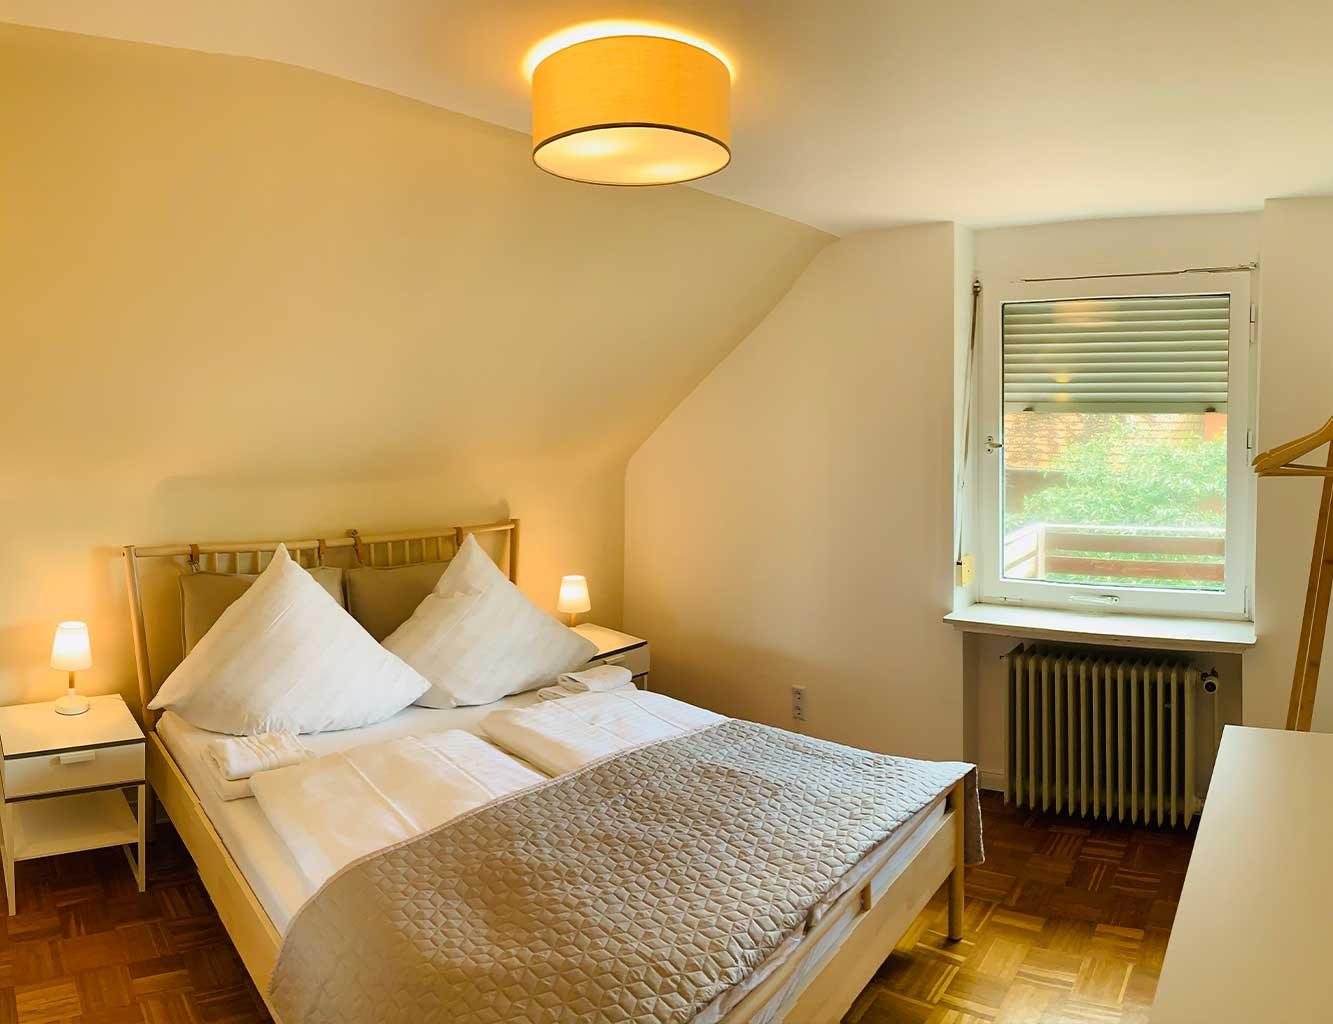 Hotel-Fährhaus-Kirschenland-Ferienwohnung-Obergeschoss-Schlafzimmer